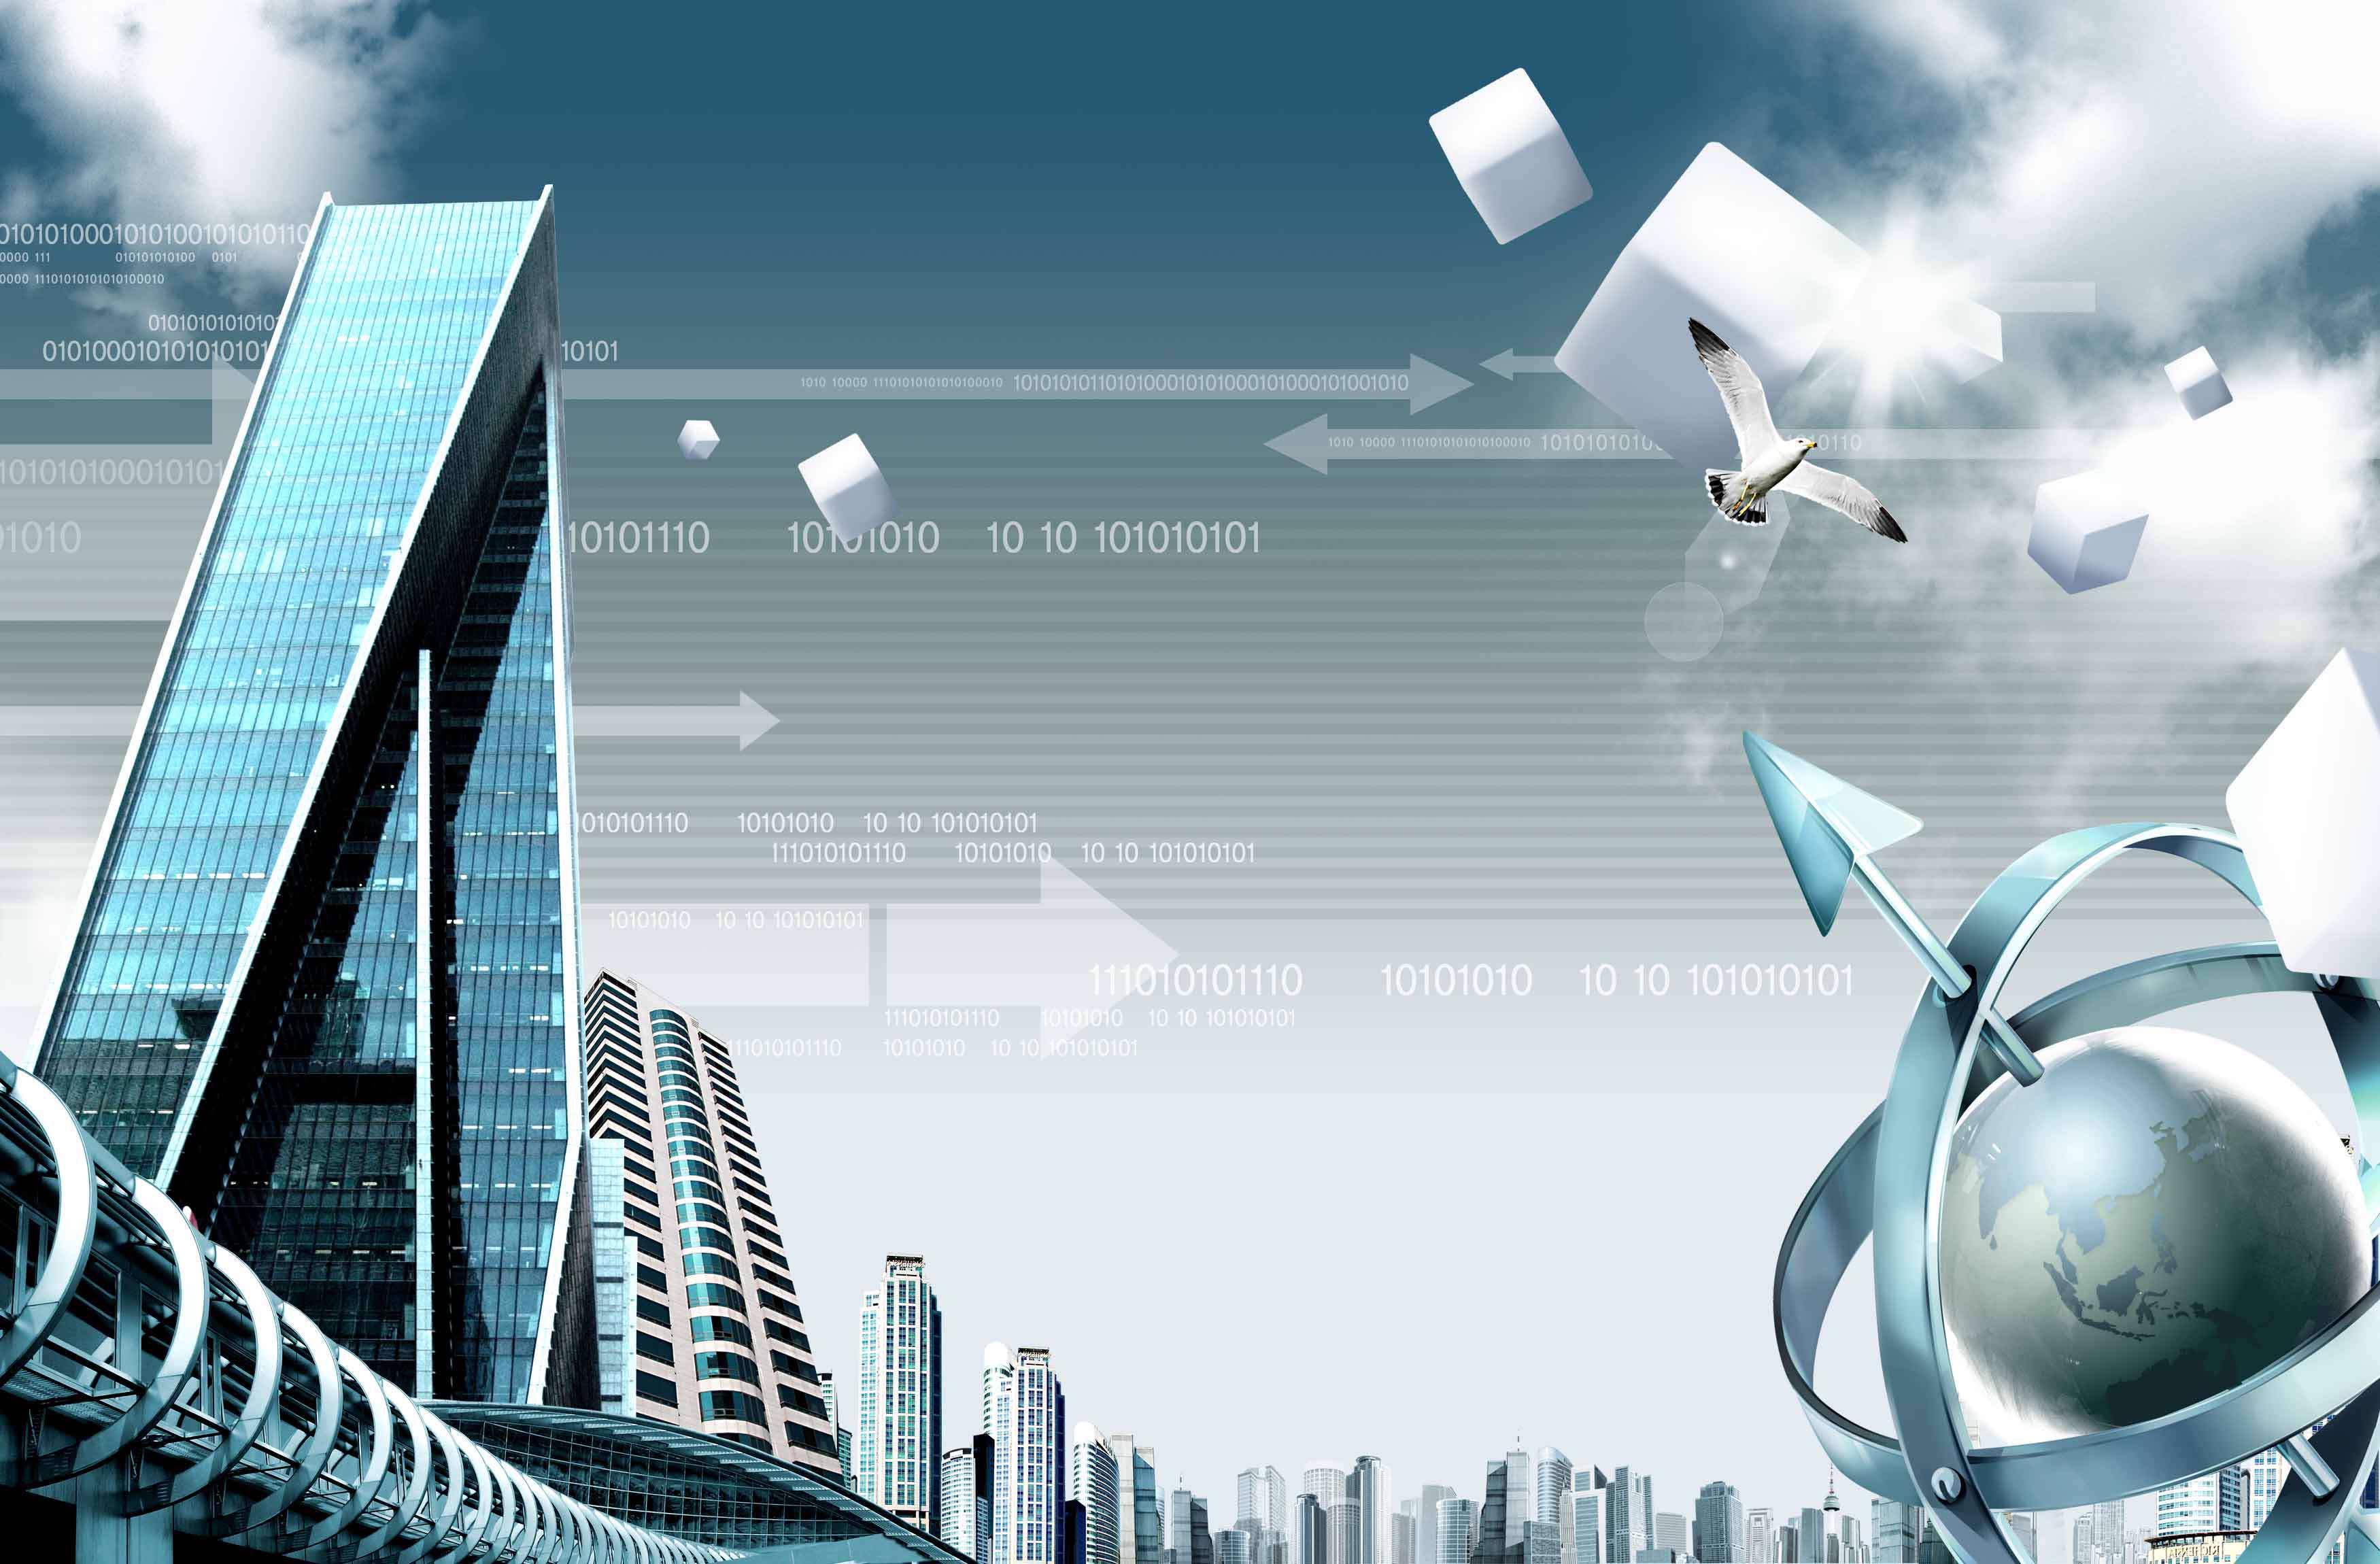 تصاویر لایه باز تبلیغاتی، تجاری و دیجیتال القاء نگاه مثبت به تجارت